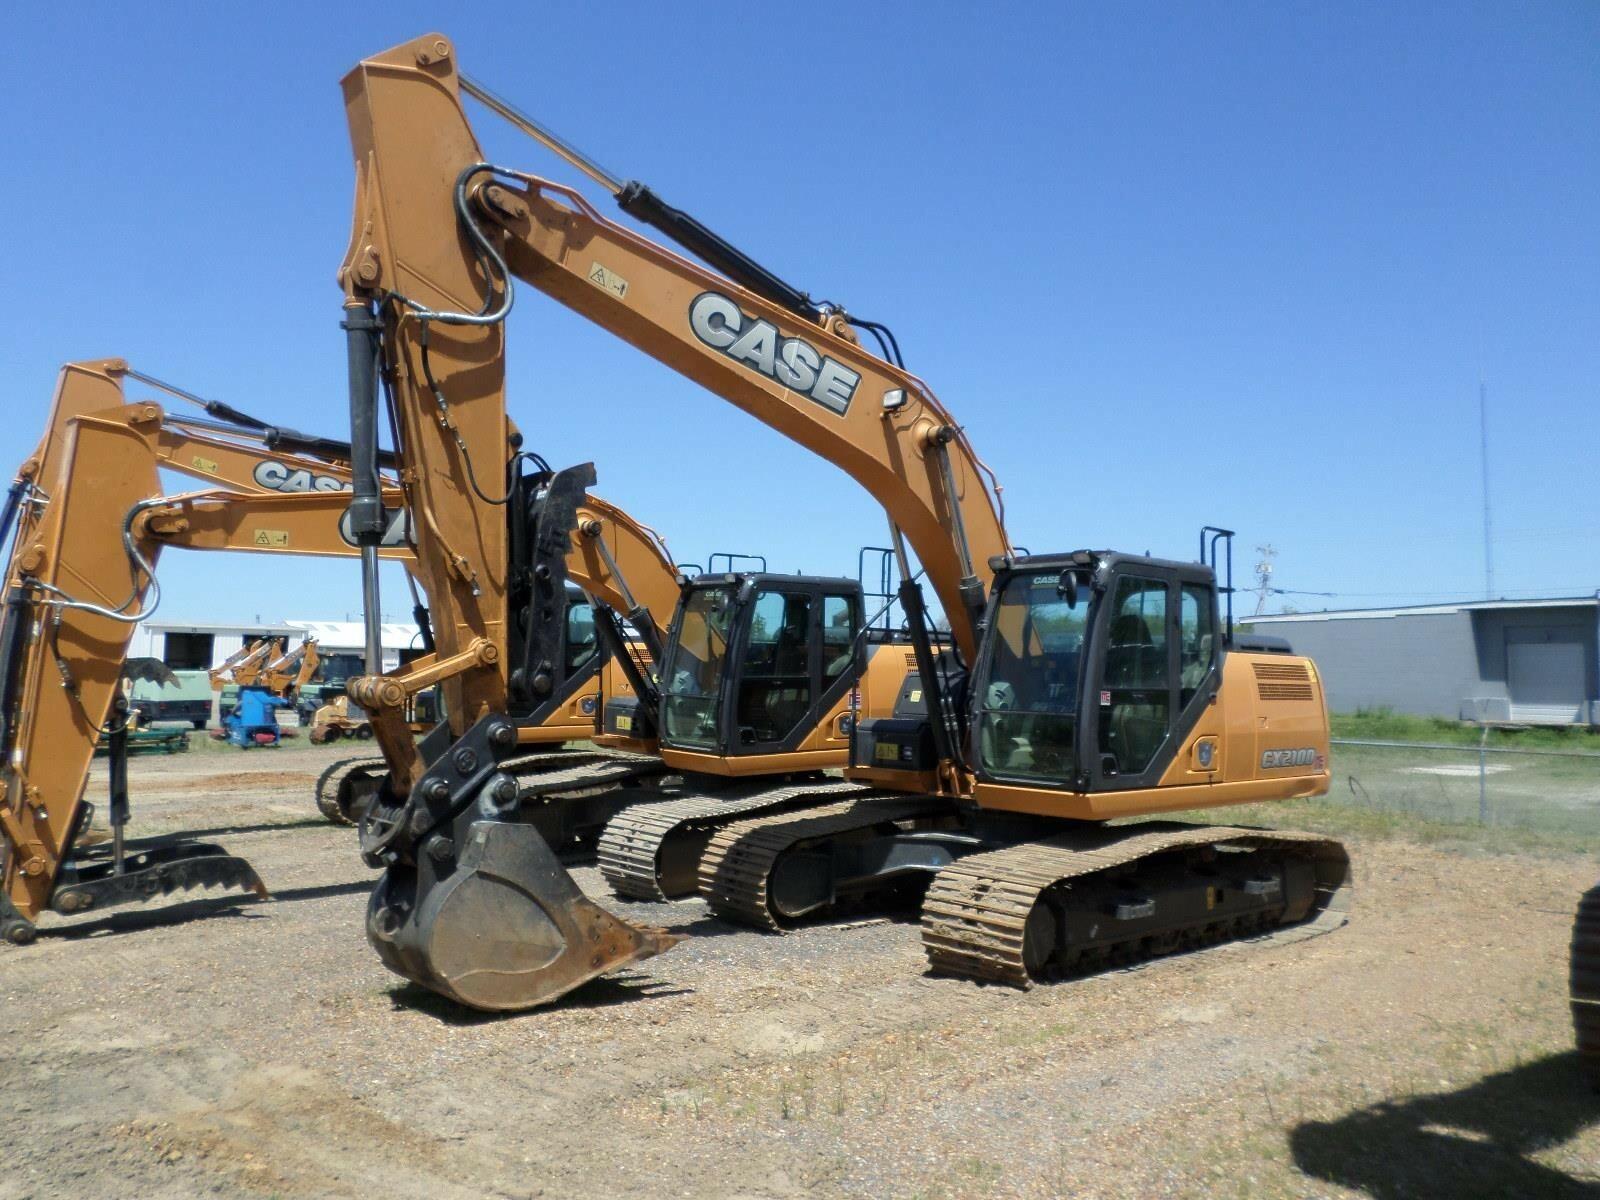 2016 Case CX210D Excavators and Mini Excavator